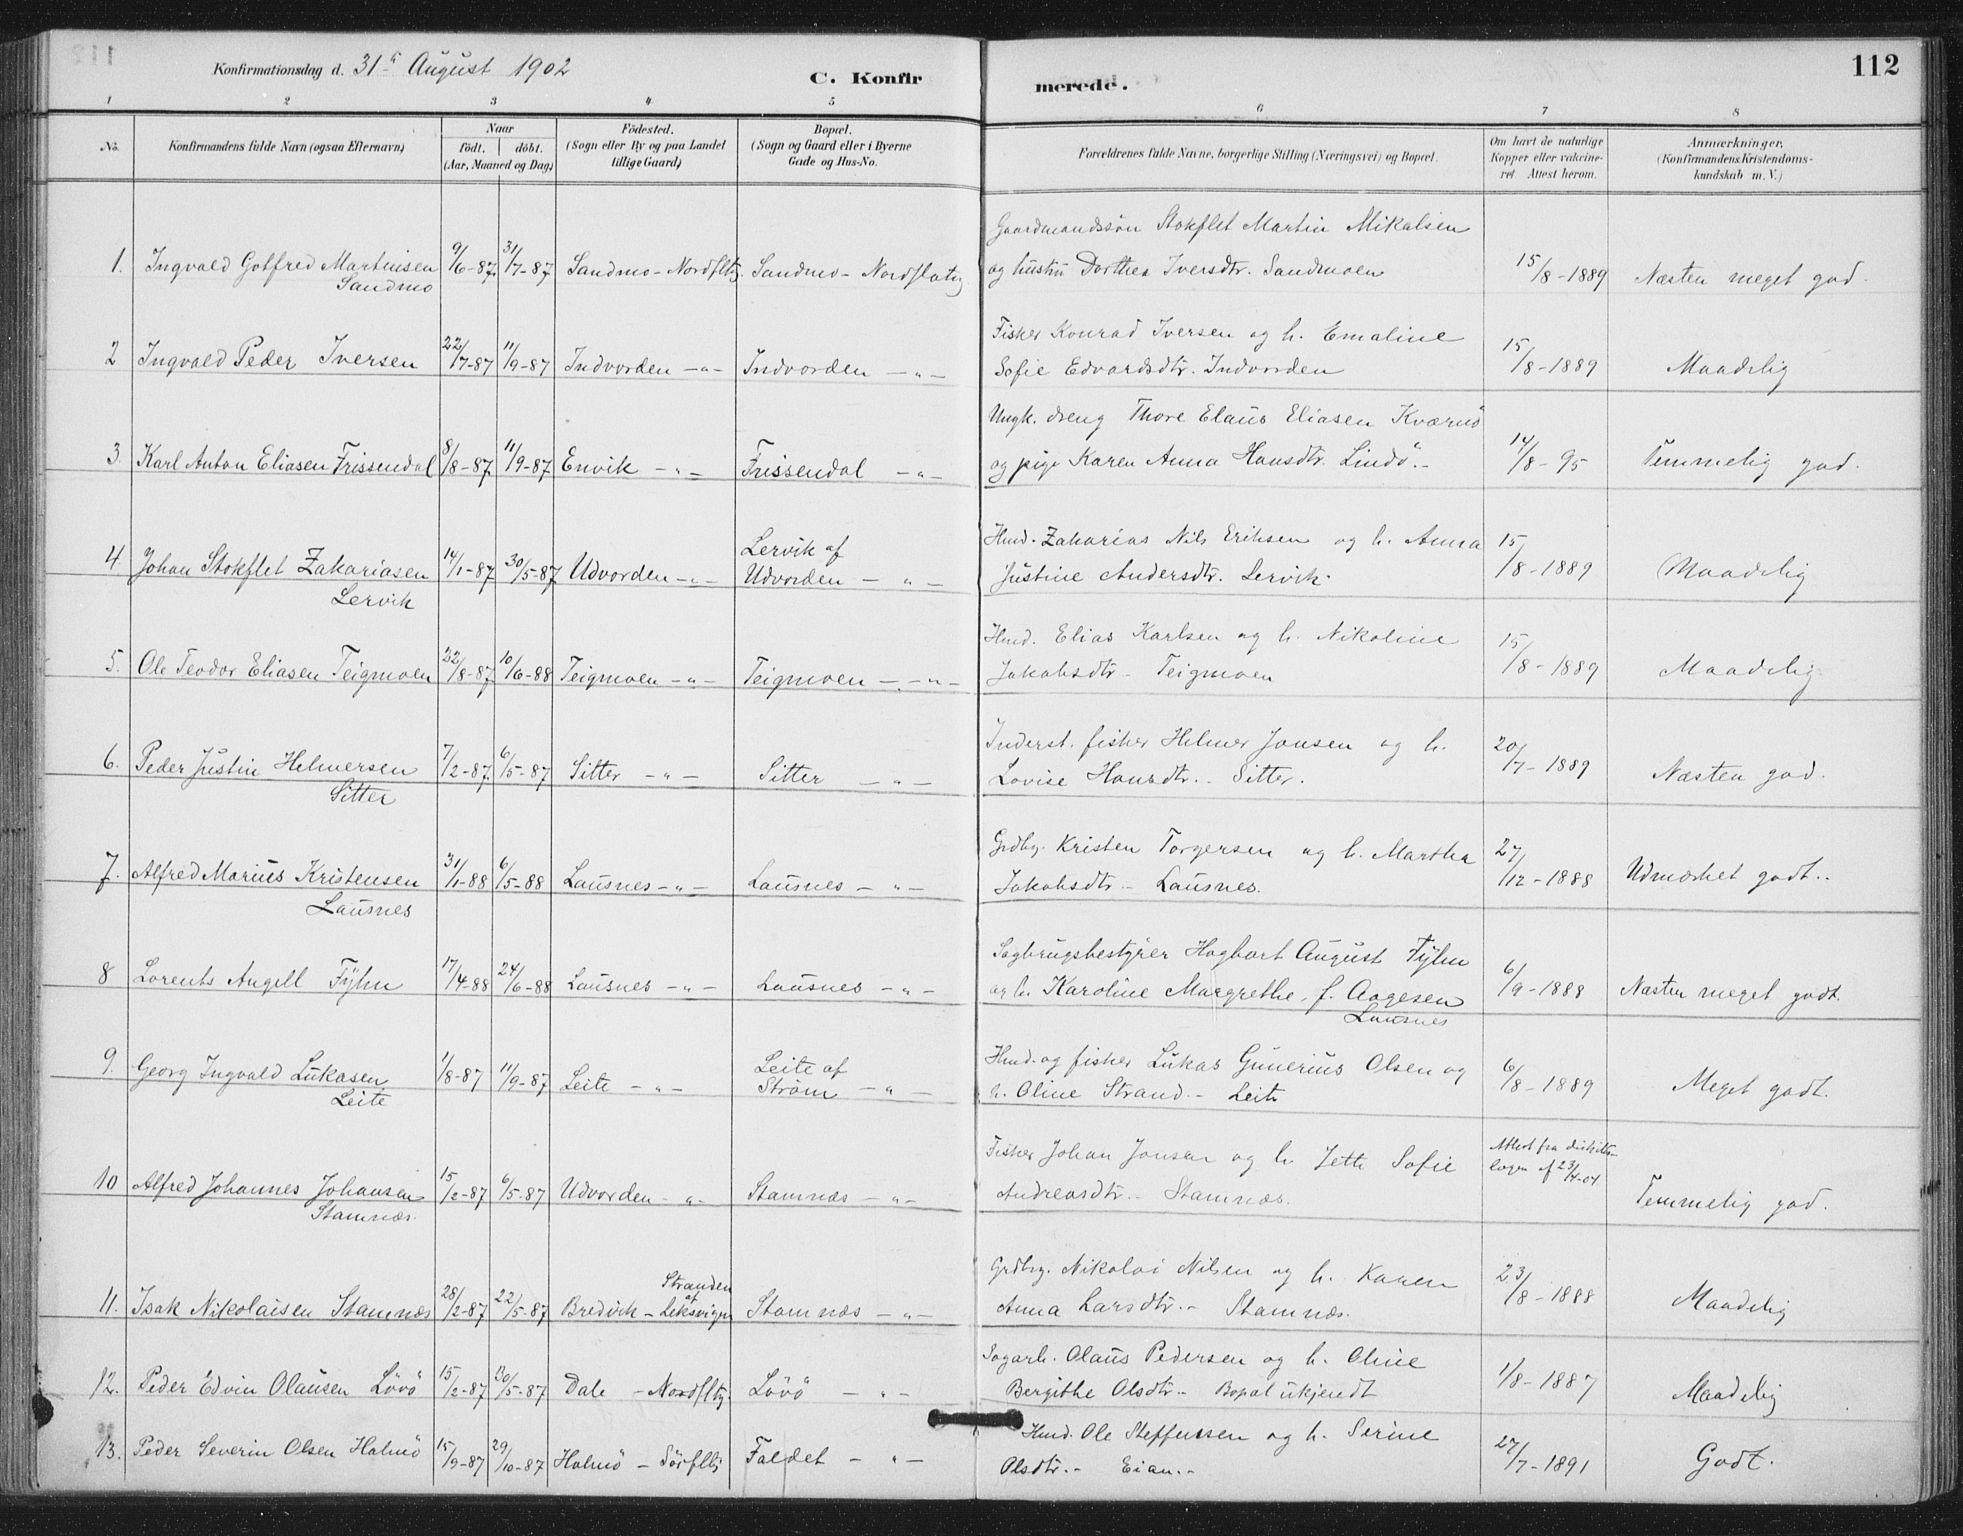 SAT, Ministerialprotokoller, klokkerbøker og fødselsregistre - Nord-Trøndelag, 772/L0603: Ministerialbok nr. 772A01, 1885-1912, s. 112